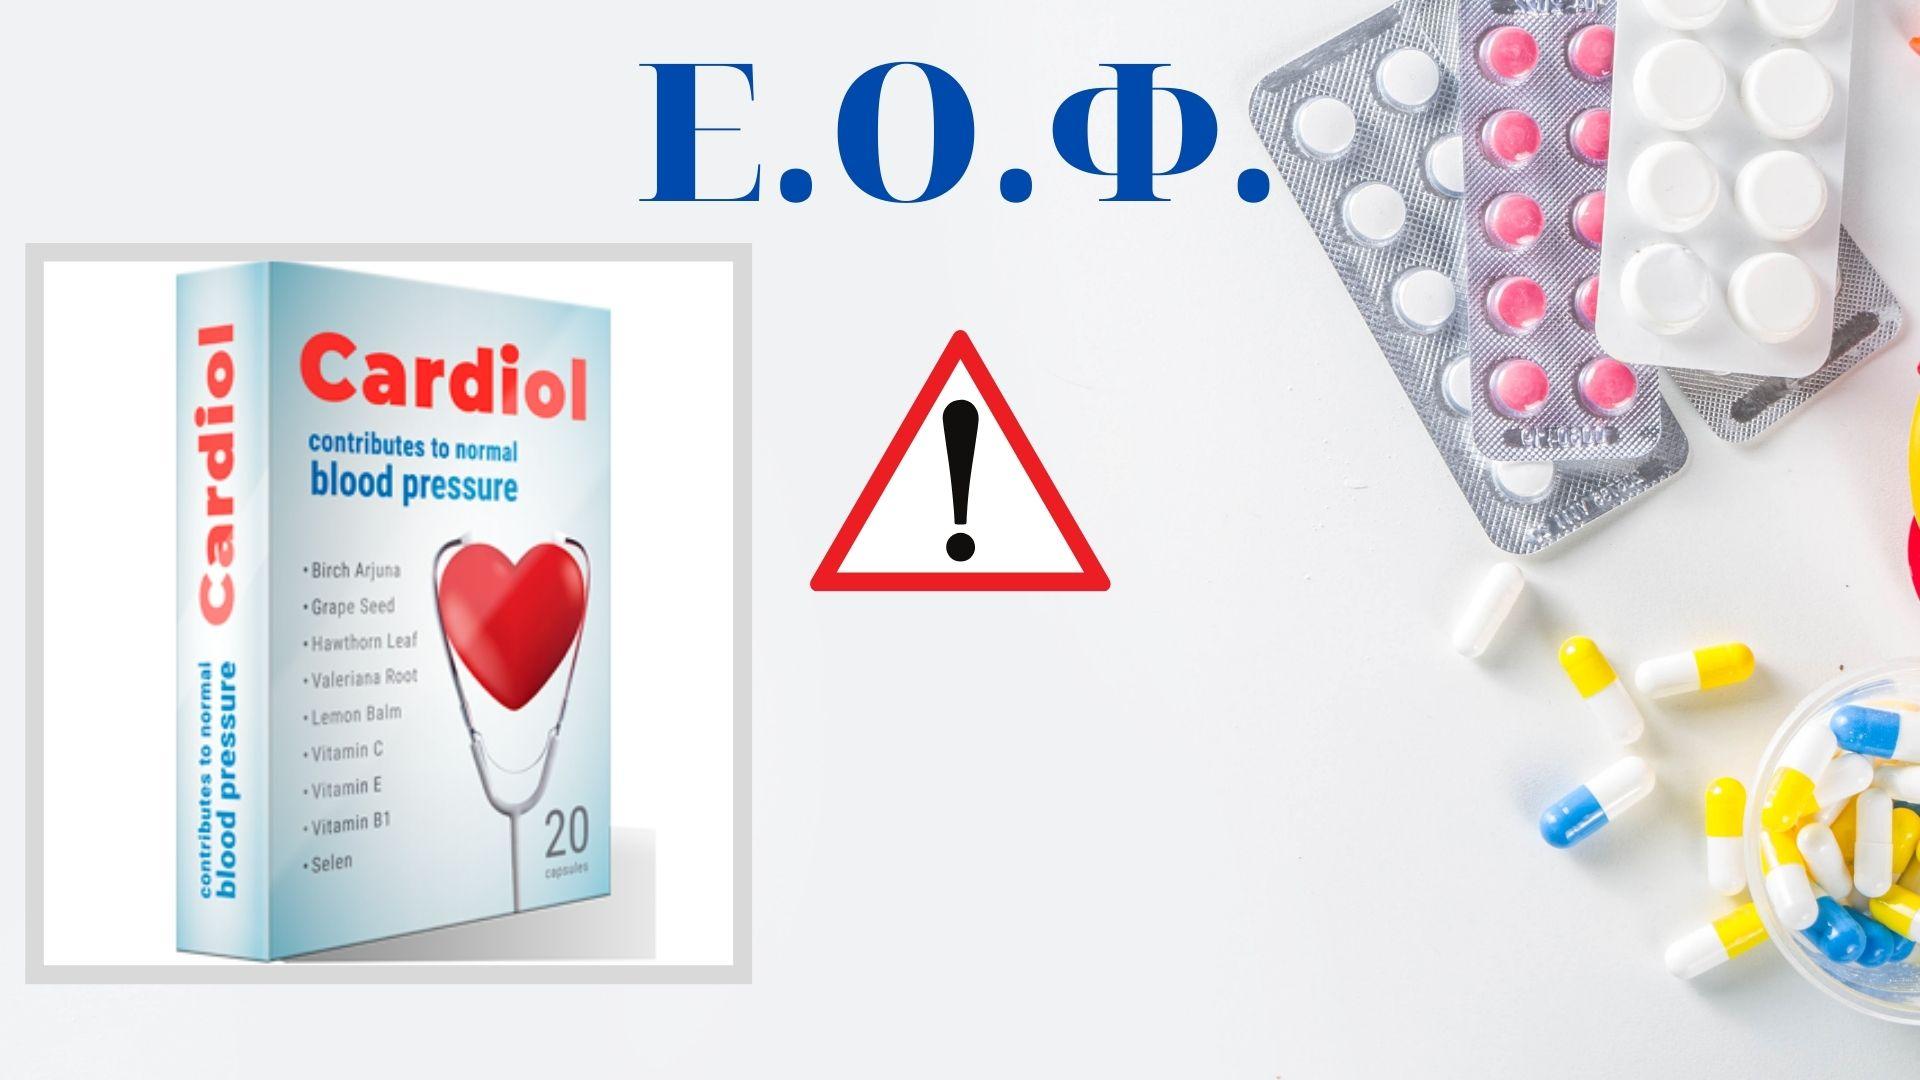 Ανακοίνωση ΕΟΦ: Προσοχή το Cardiol κυκλοφορεί χωρίς άδεια